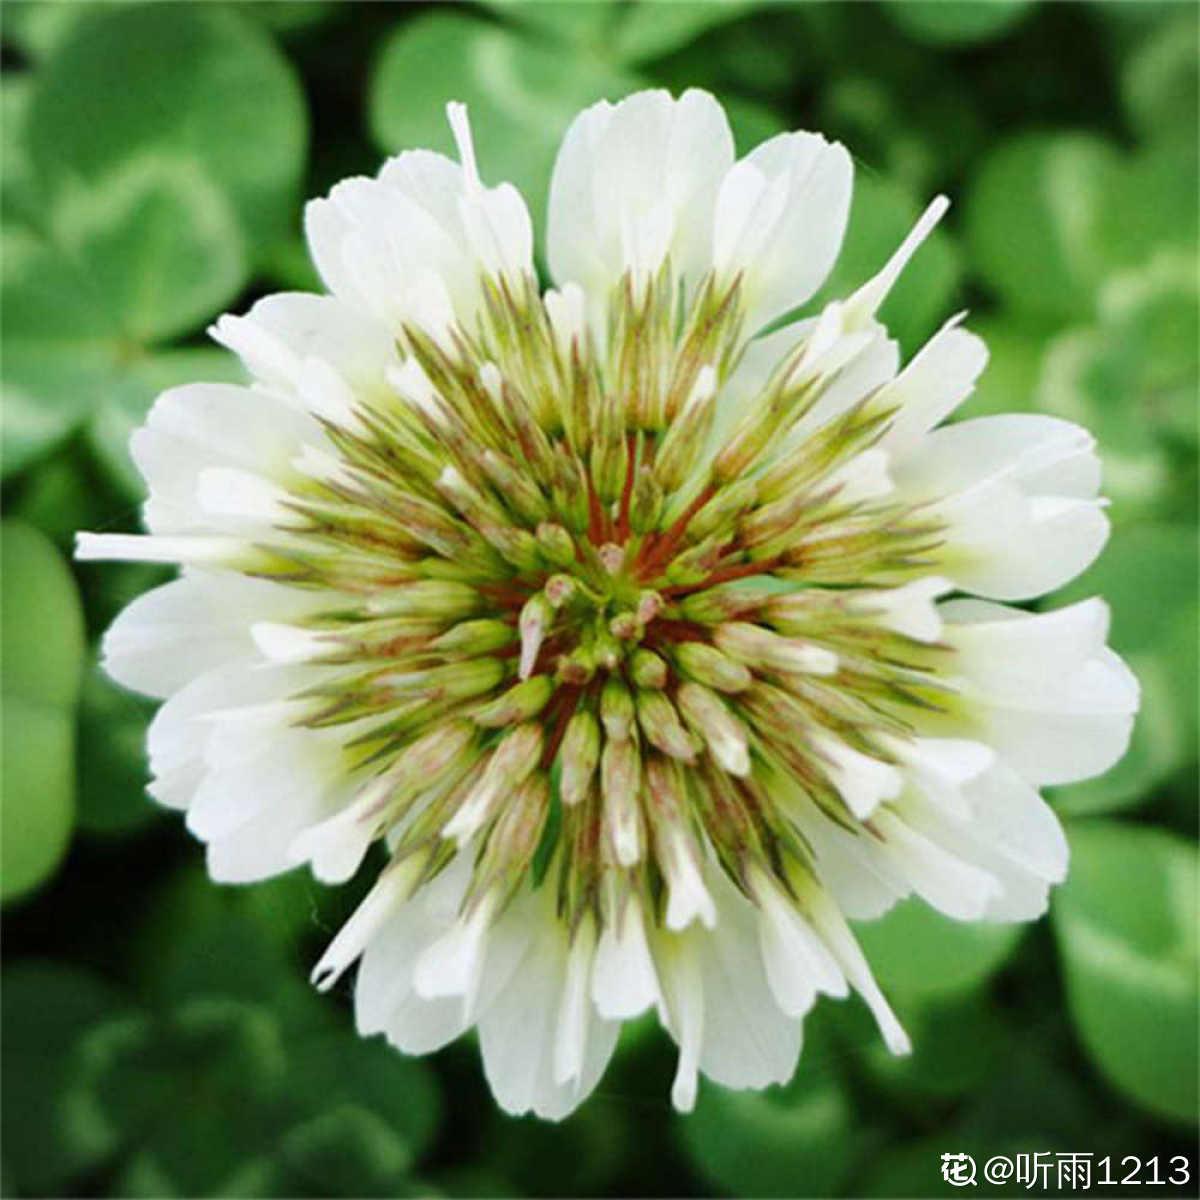 变异的白花酢浆草